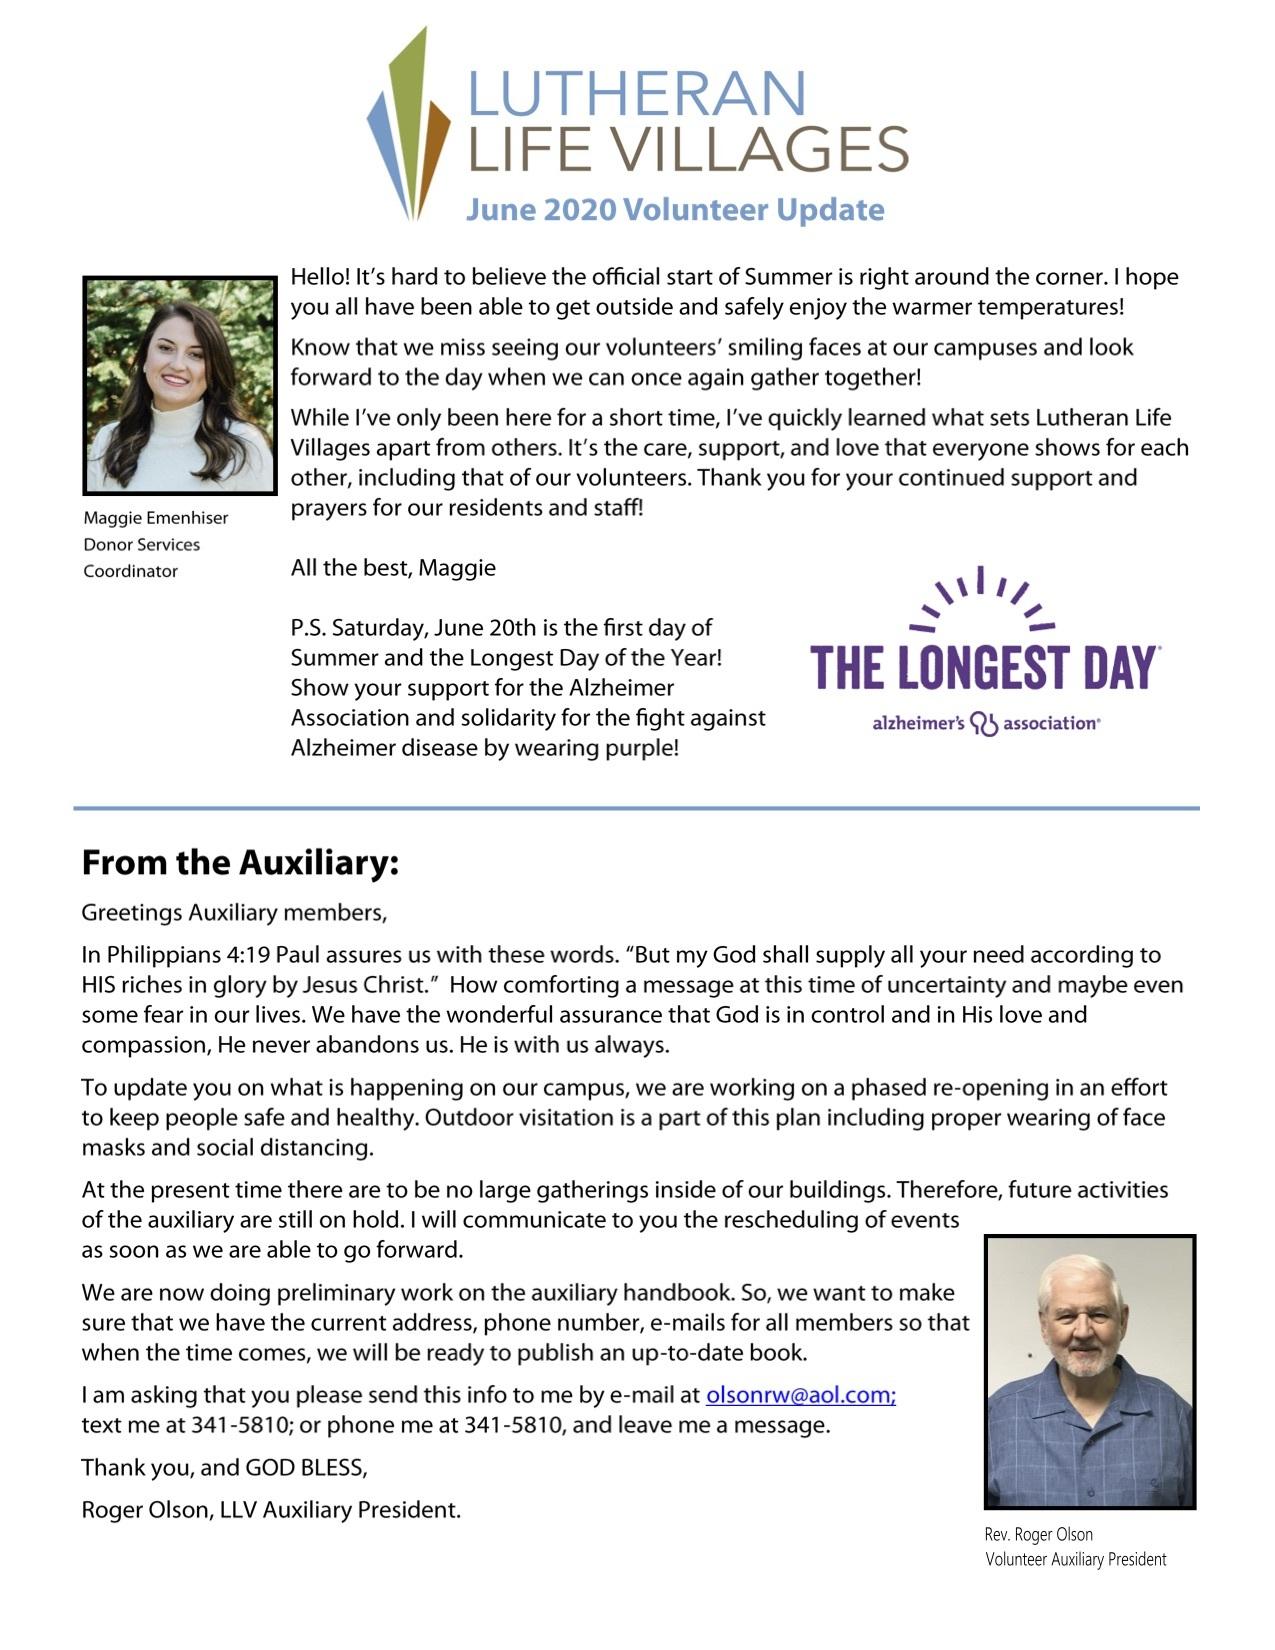 June Volunteer Update - Lutheran Life Villages